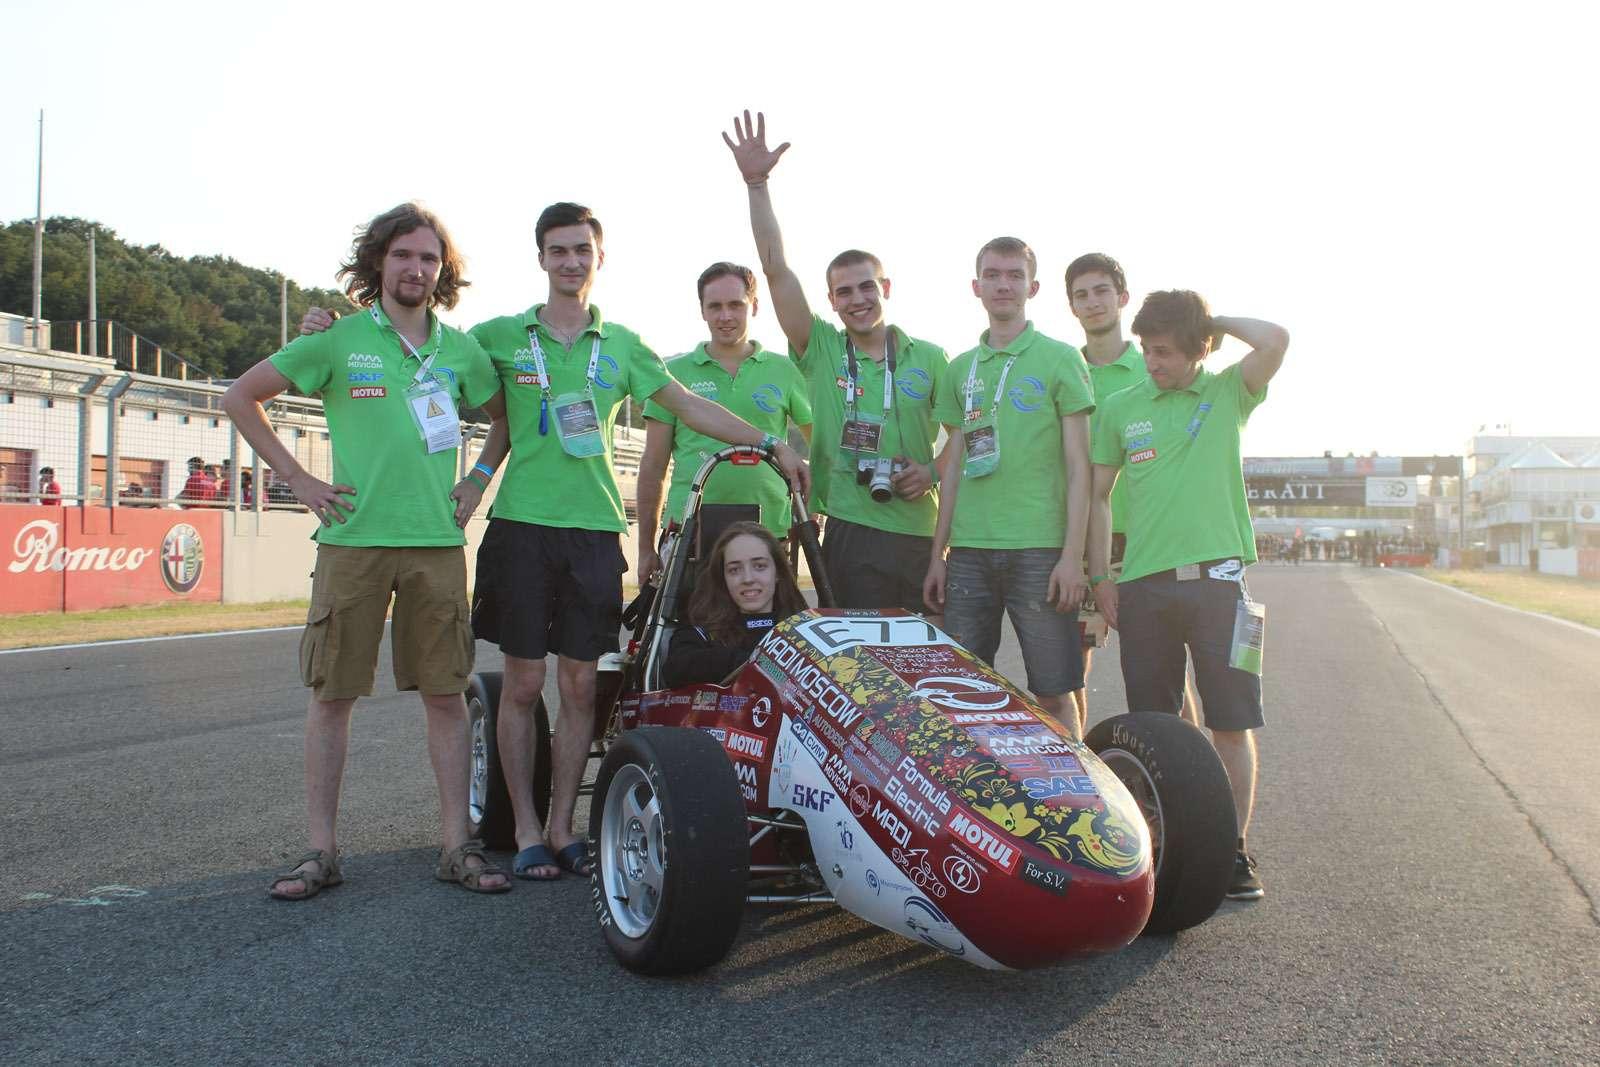 Российская команда получила приз наФормуле Студент— фото 620216